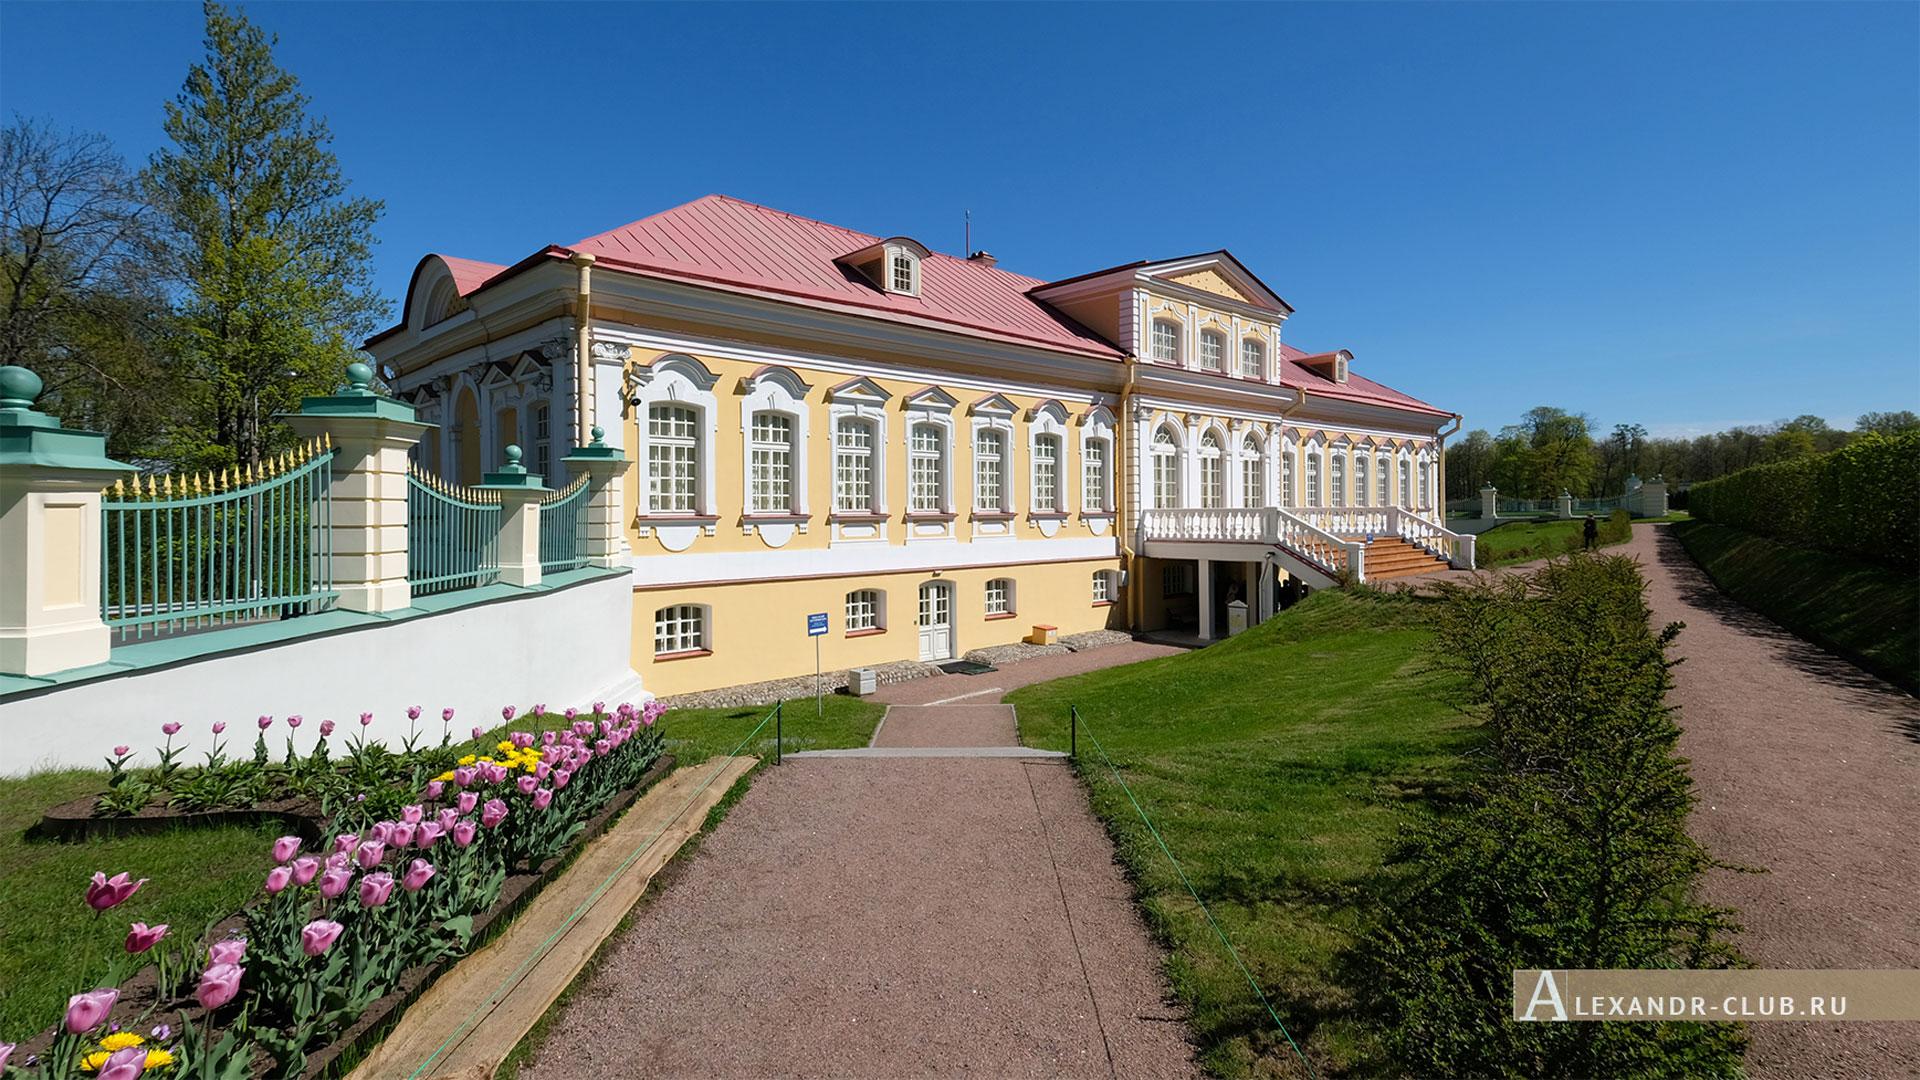 Ораниенбаум, весна, музей «Картинный дом»